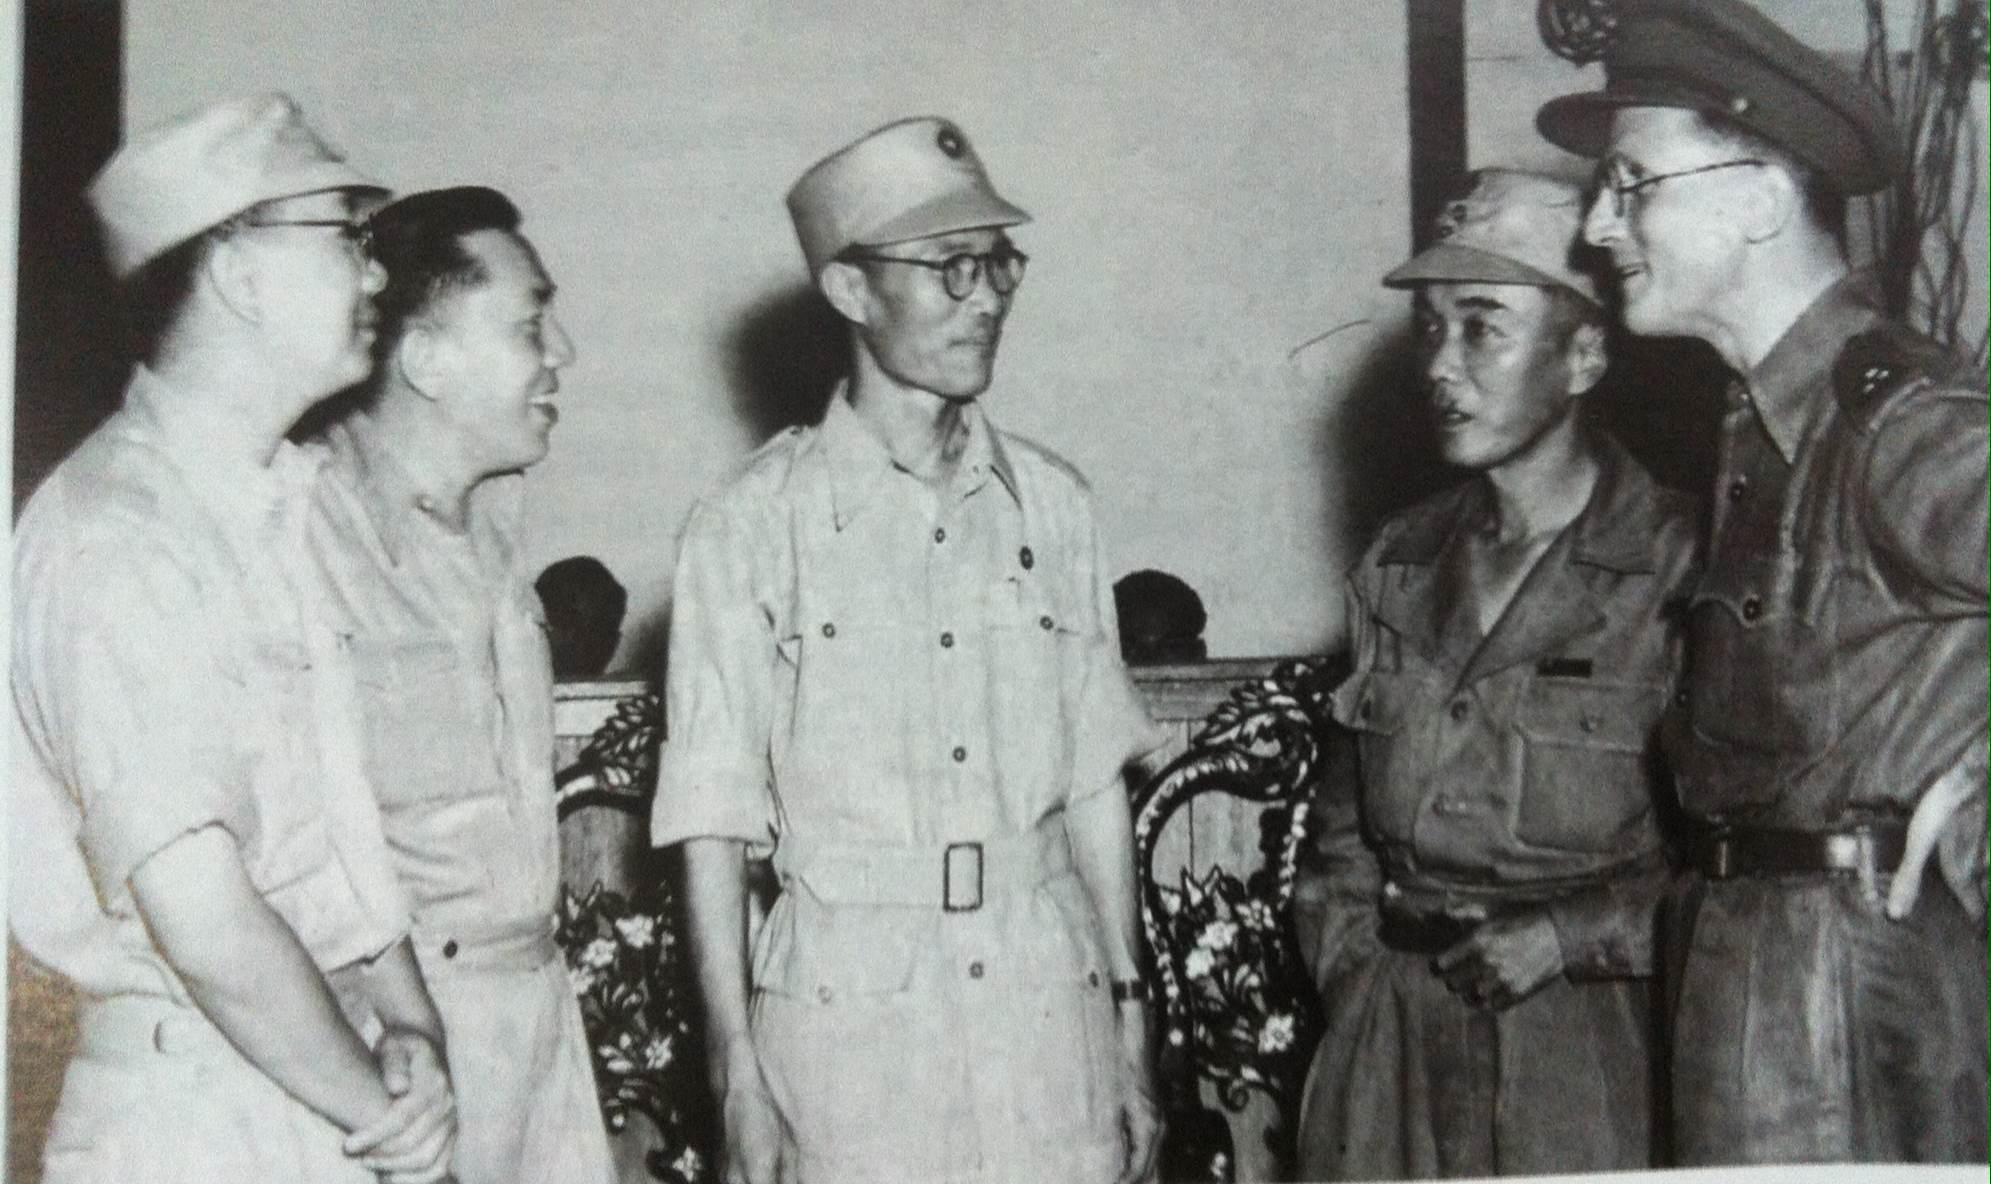 Riwayat Pembentukan Milisi Tionghoa Pao An Tui